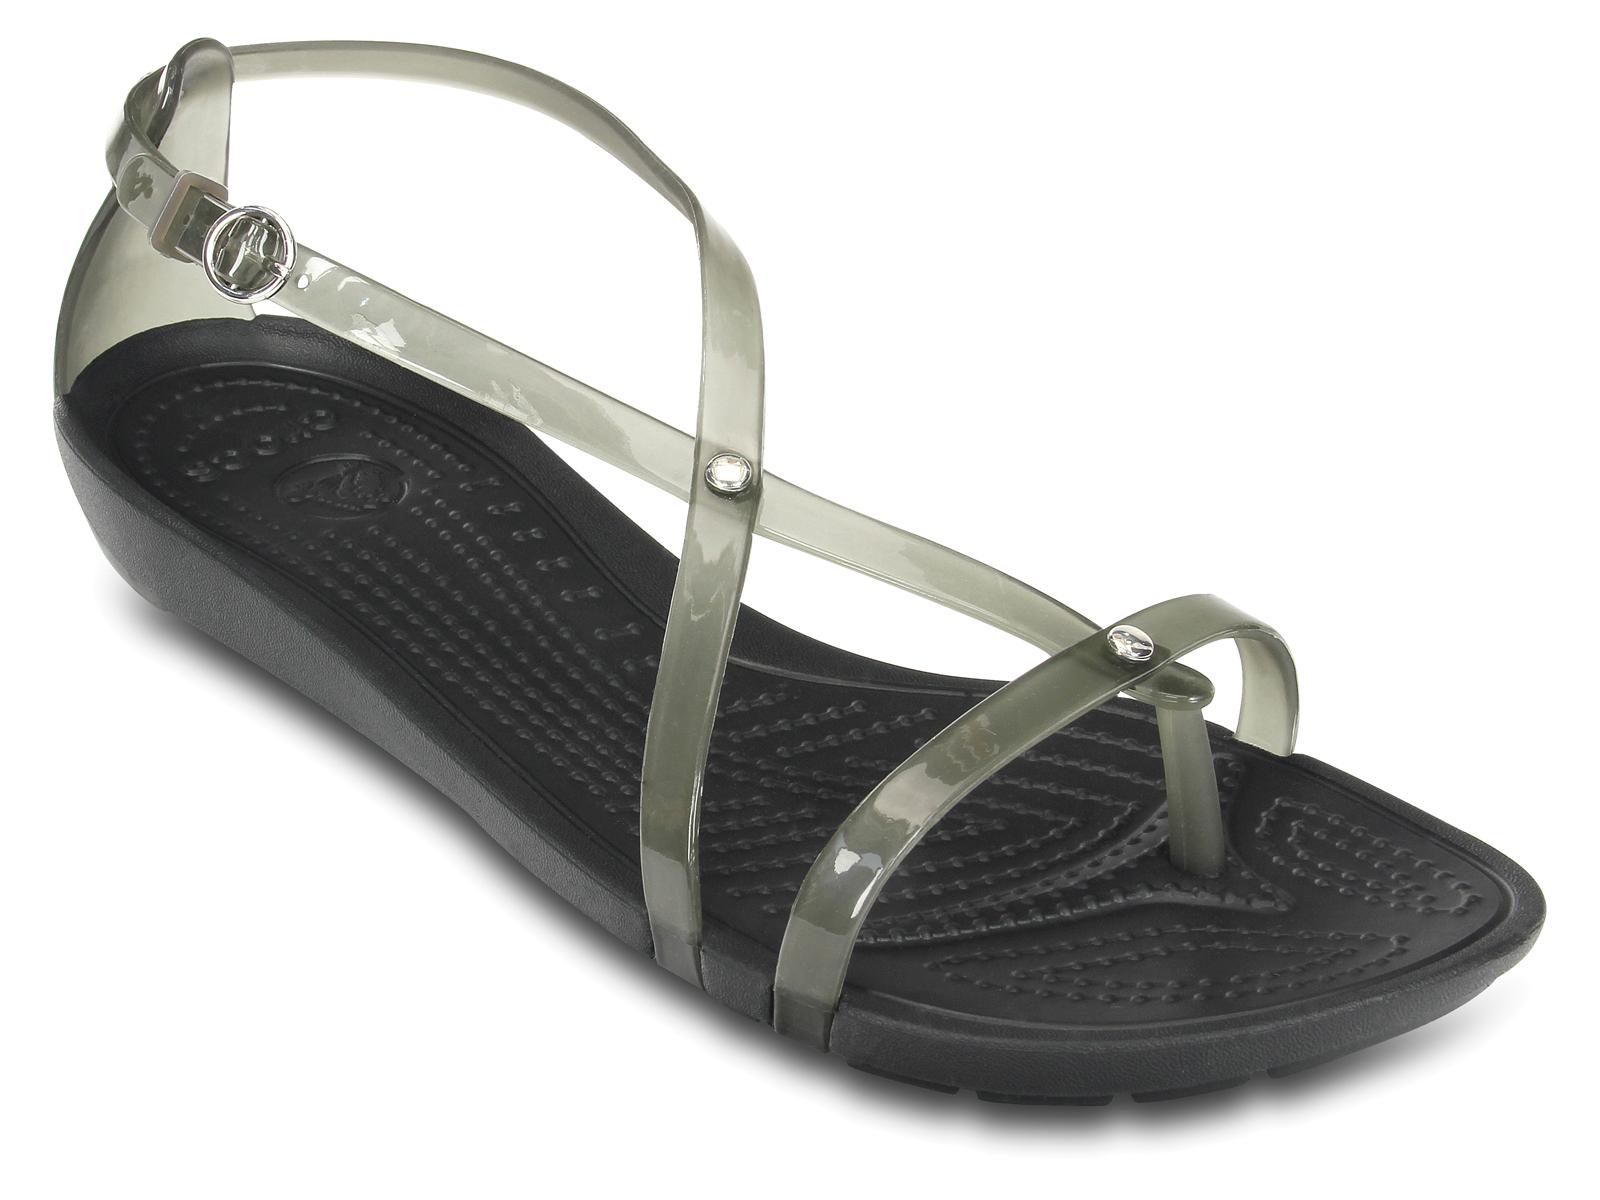 Crocs sexi sandals